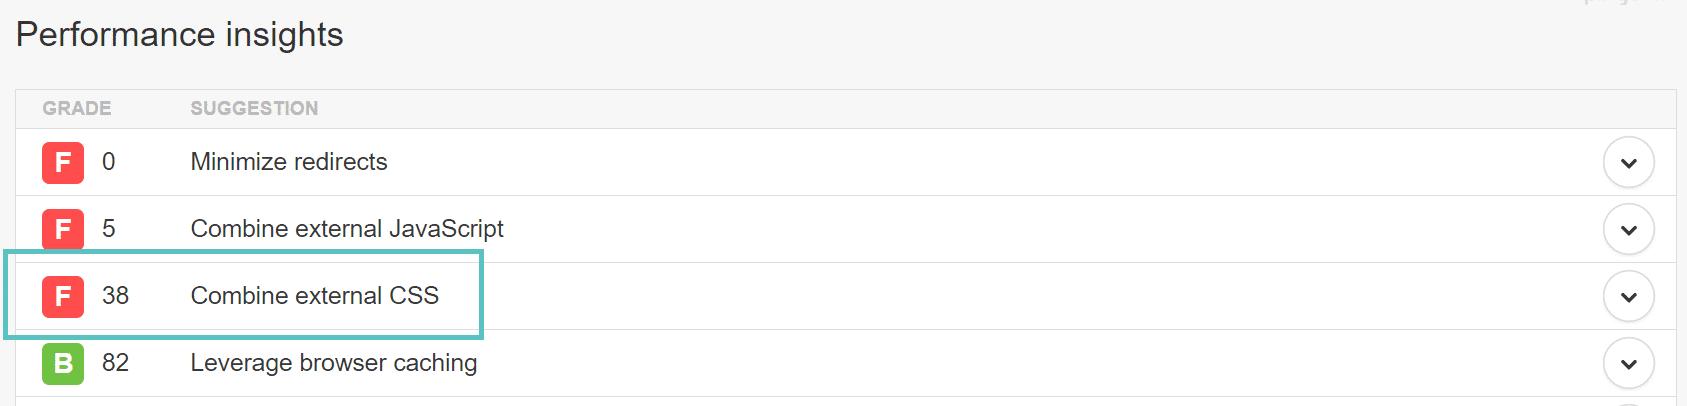 Aviso para combinar CSS externo no Pingdom